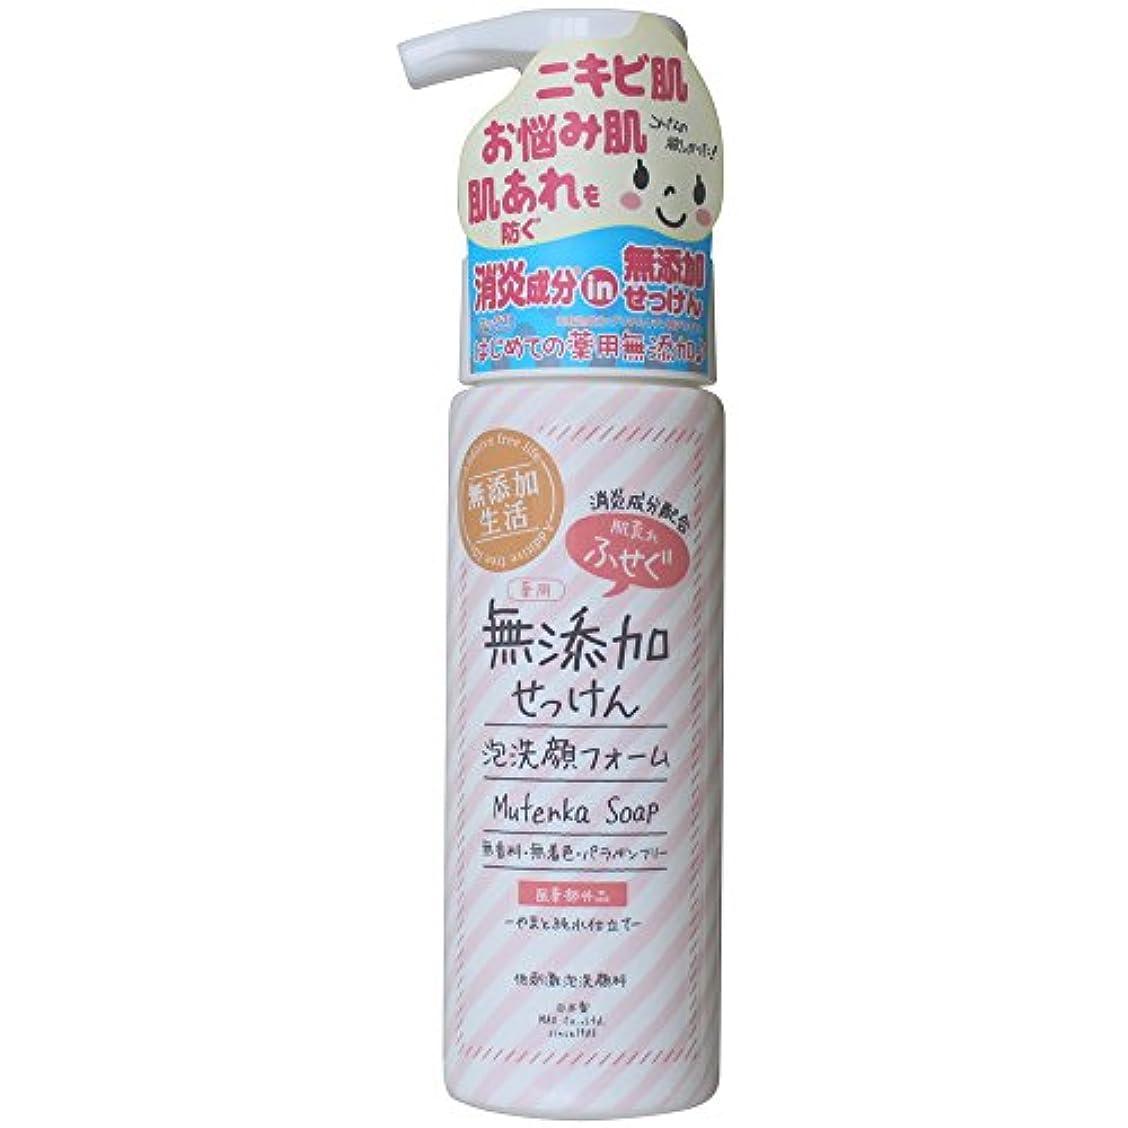 買収支配的プラットフォーム肌荒れ防ぐ薬用無添加 洗顔フォーム 200mL